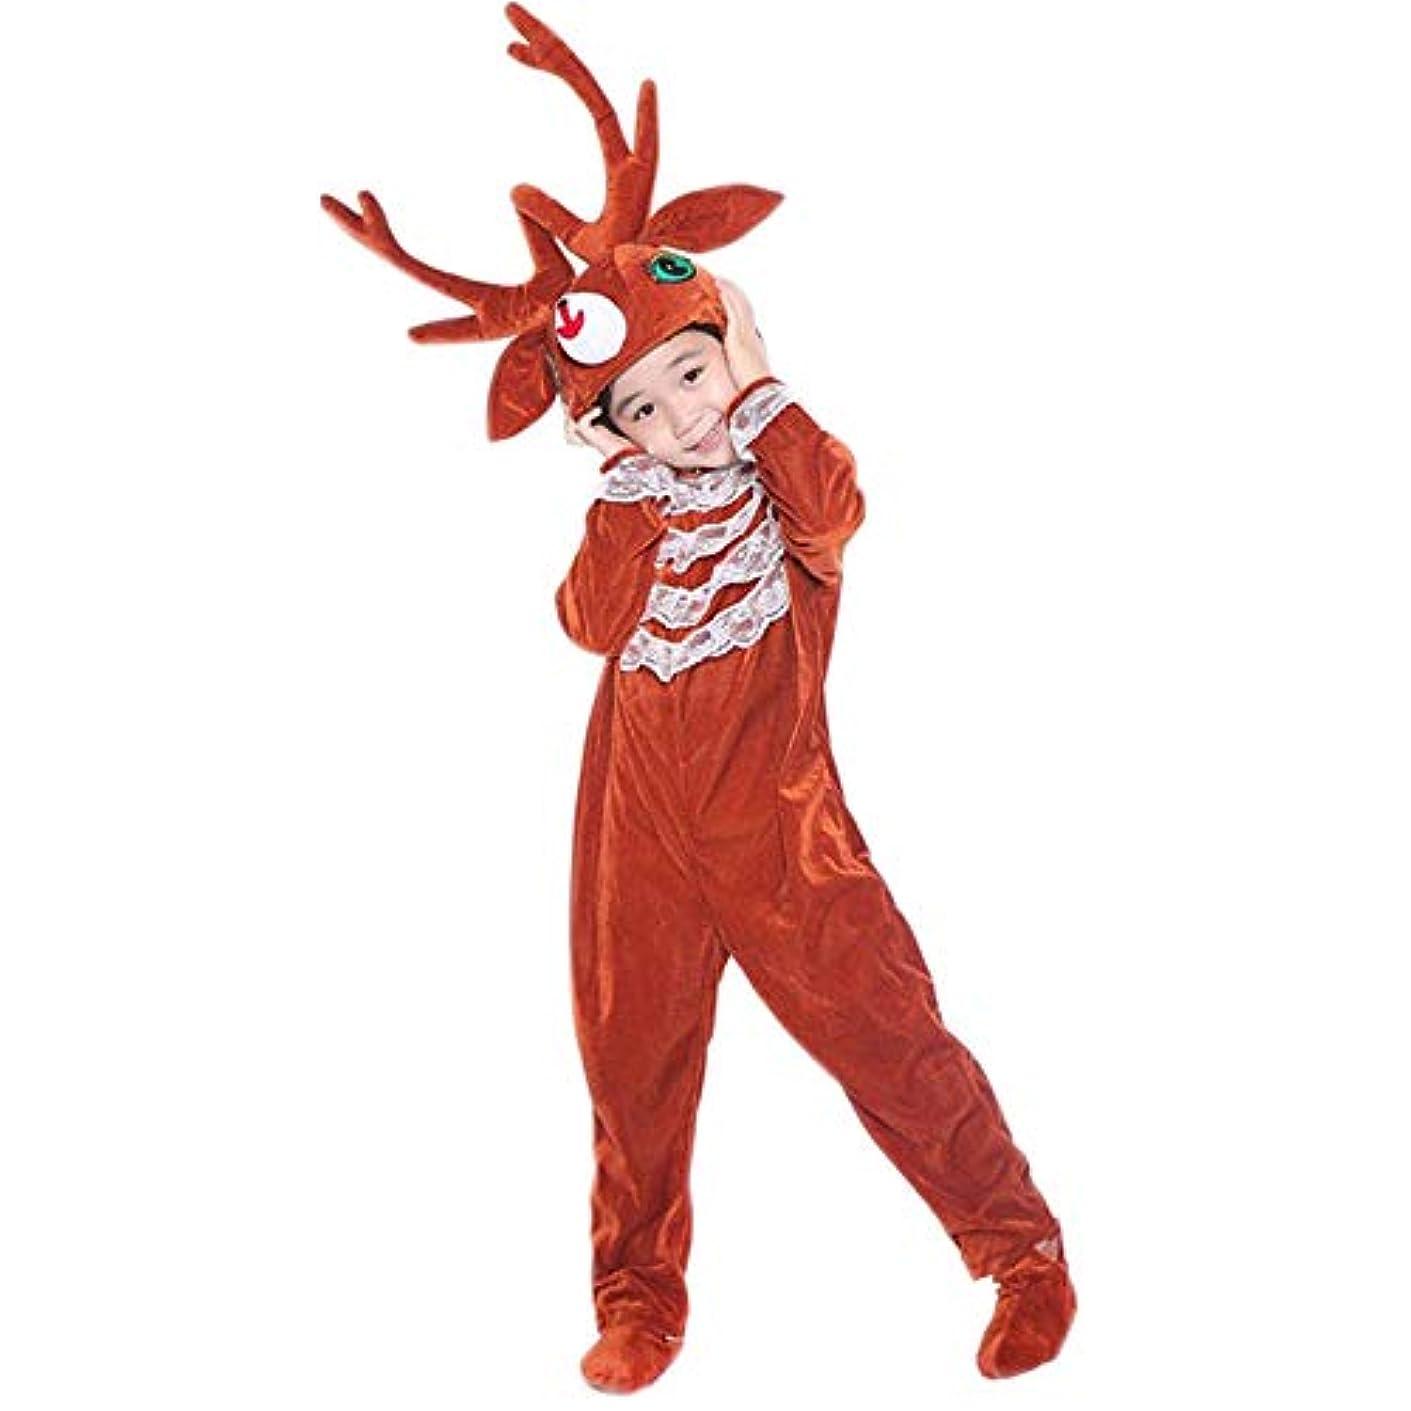 役割バイナリ派手トナカイ キッズコスチューム 子とも 着ぐるみ クリスマス 衣装 ボーイズ ガールズ かわいい 仮装 クリスマス衣類 祭り雰囲気